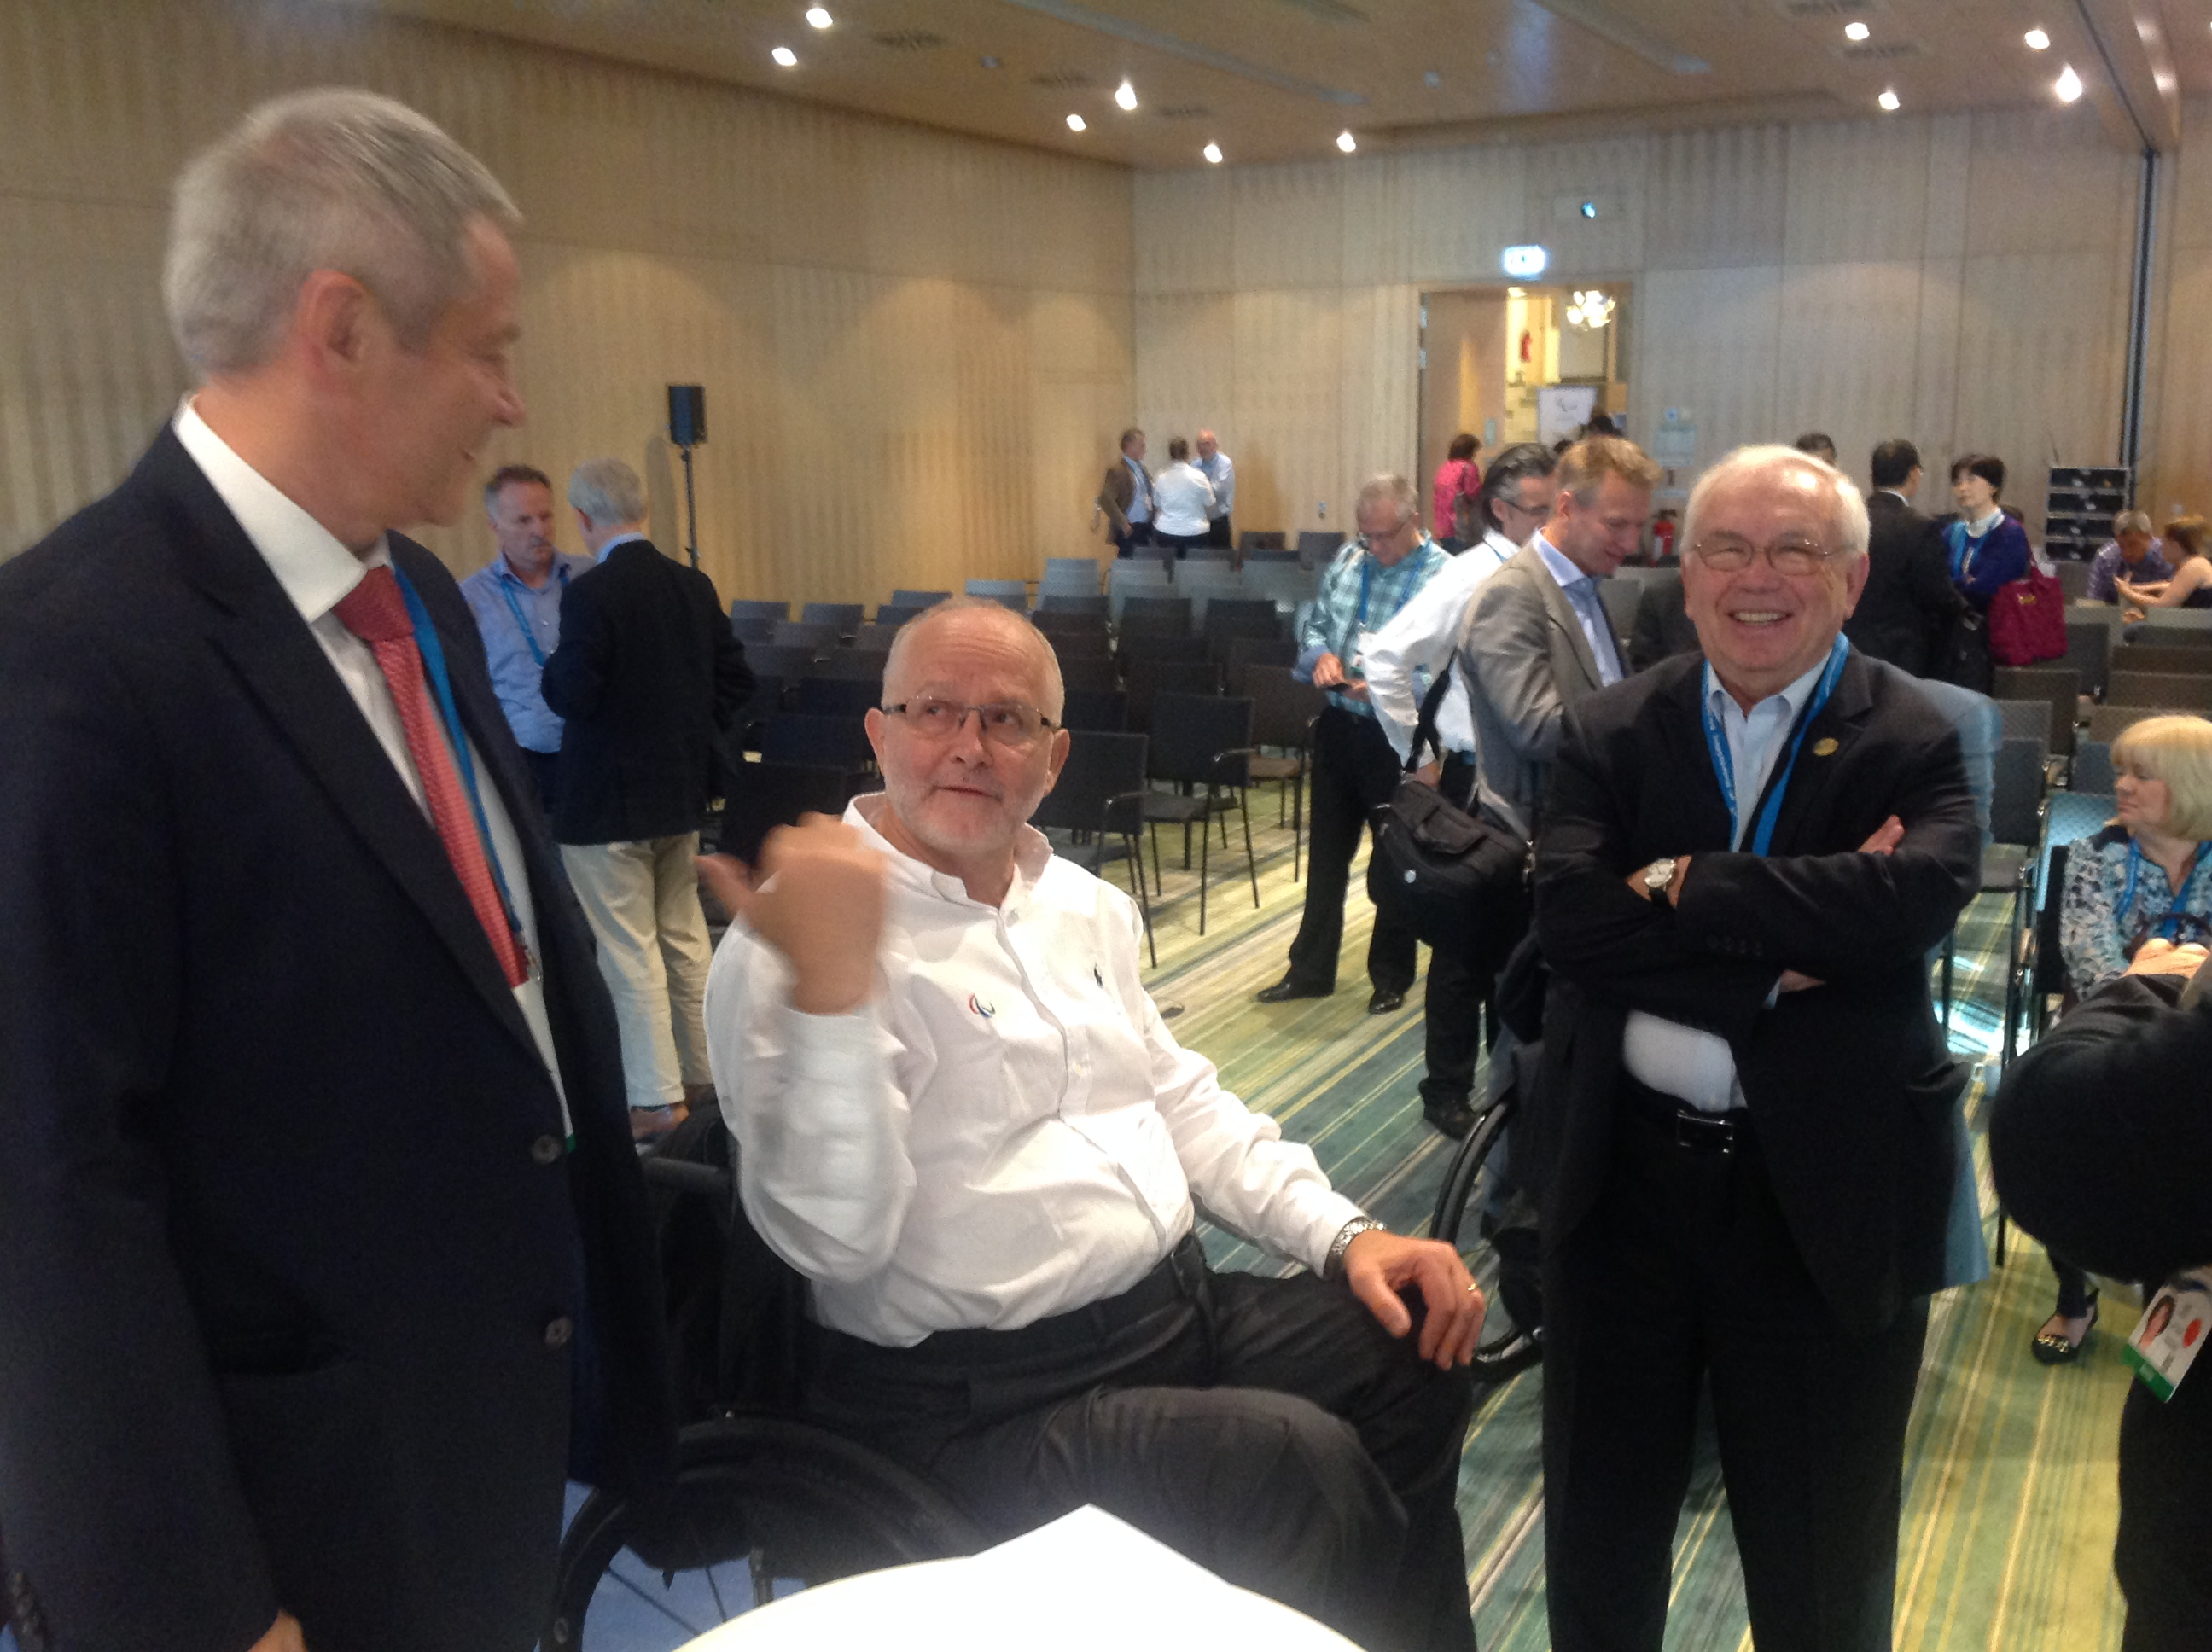 В. П.  Лукин, П. А.  Рожков, М. Б. Терентьев в г. Берлине приняли участие в Форуме членов Международного паралимпийского комитета